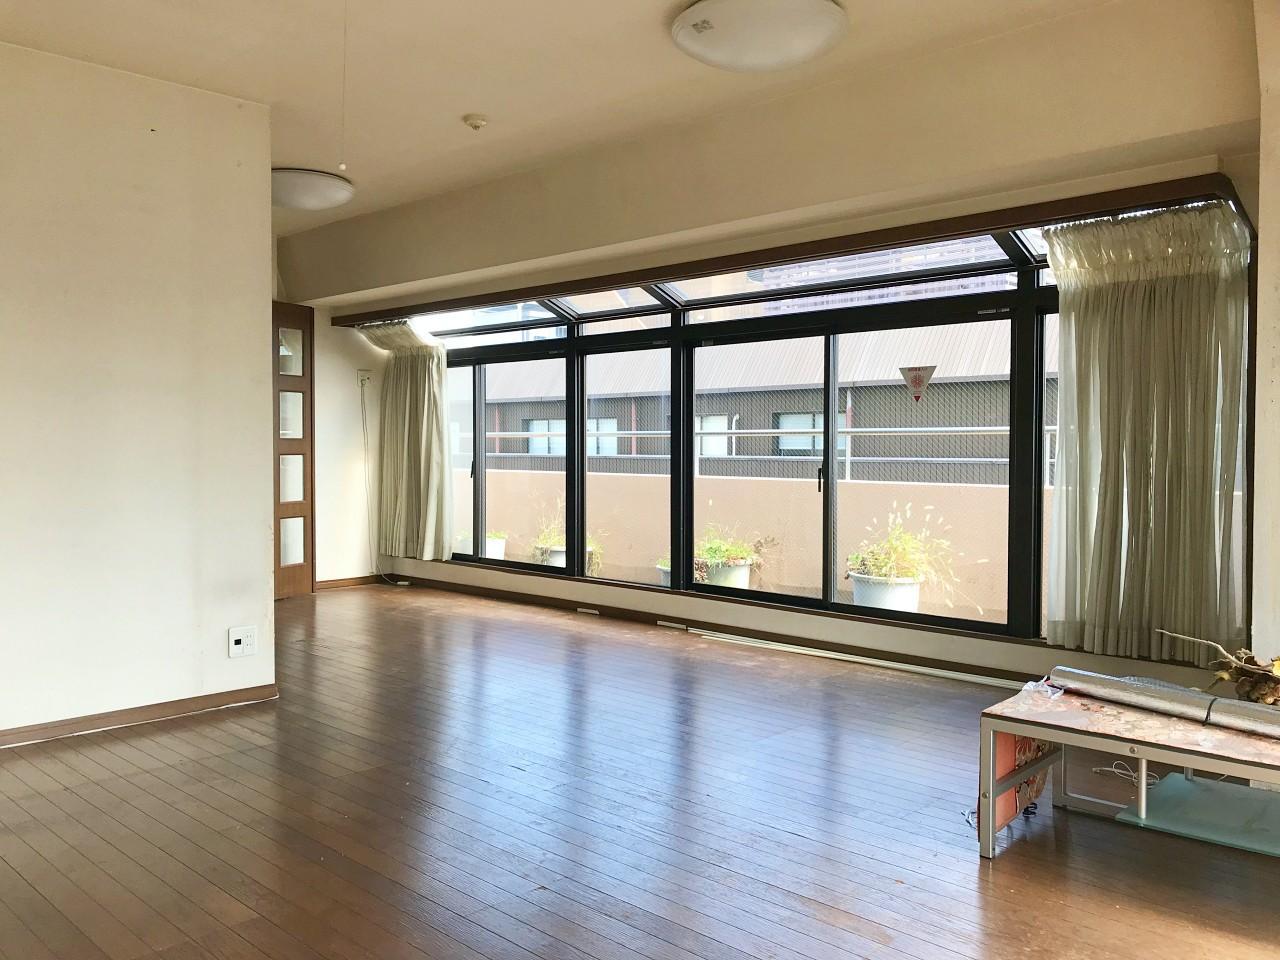 写真左手の洋室を解体すれば、さらに広く伸びやかな空間に